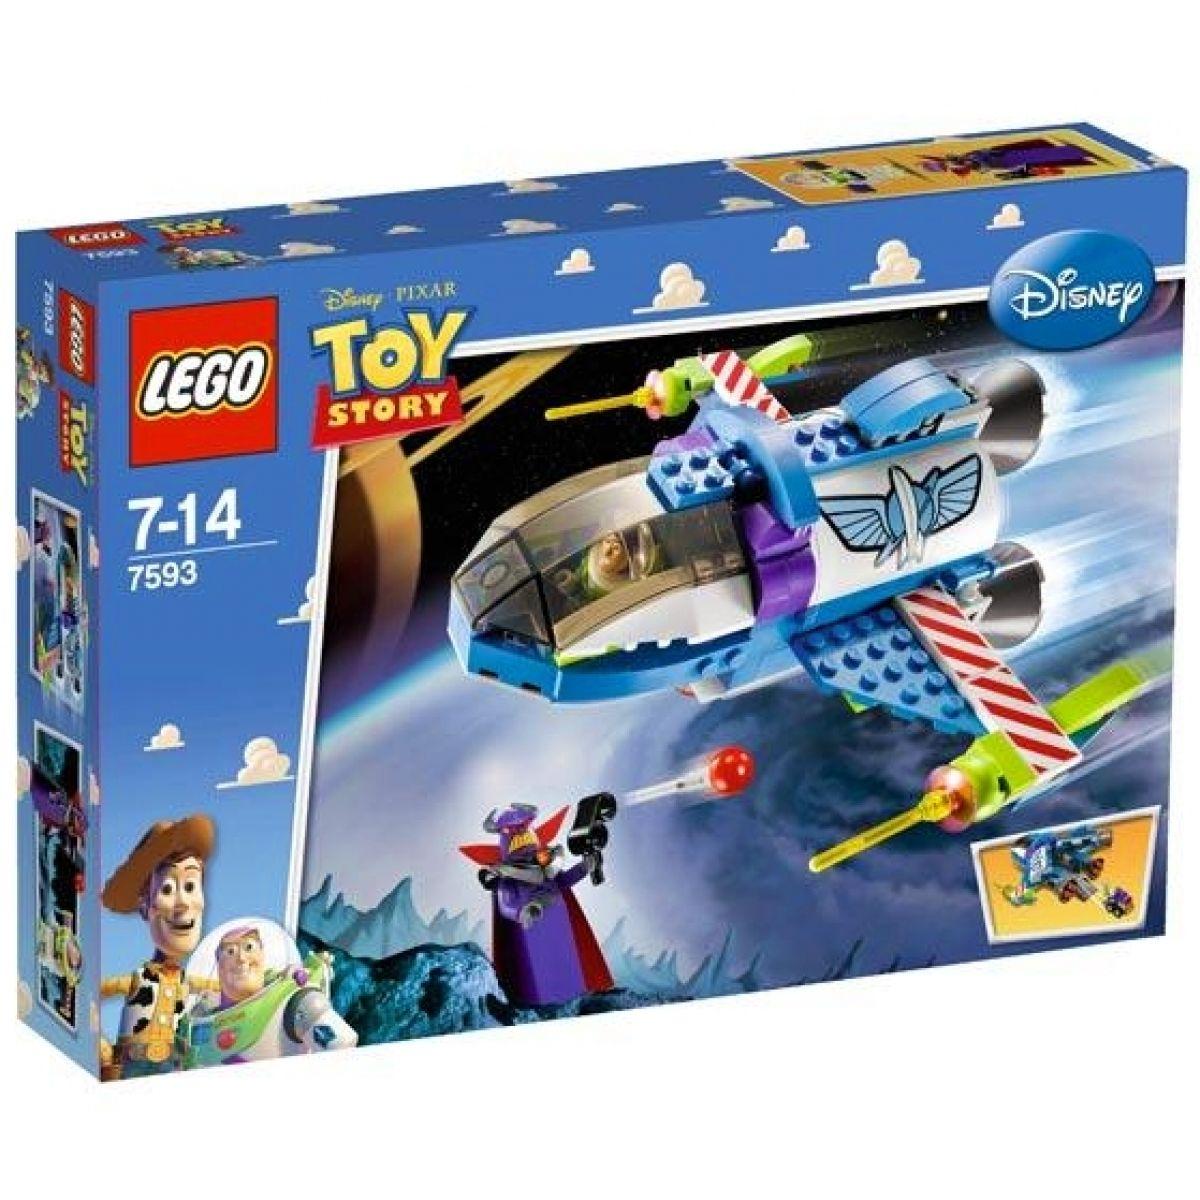 LEGO 7593 Toy Story Buzzův vesmírný velitelský raketoplán